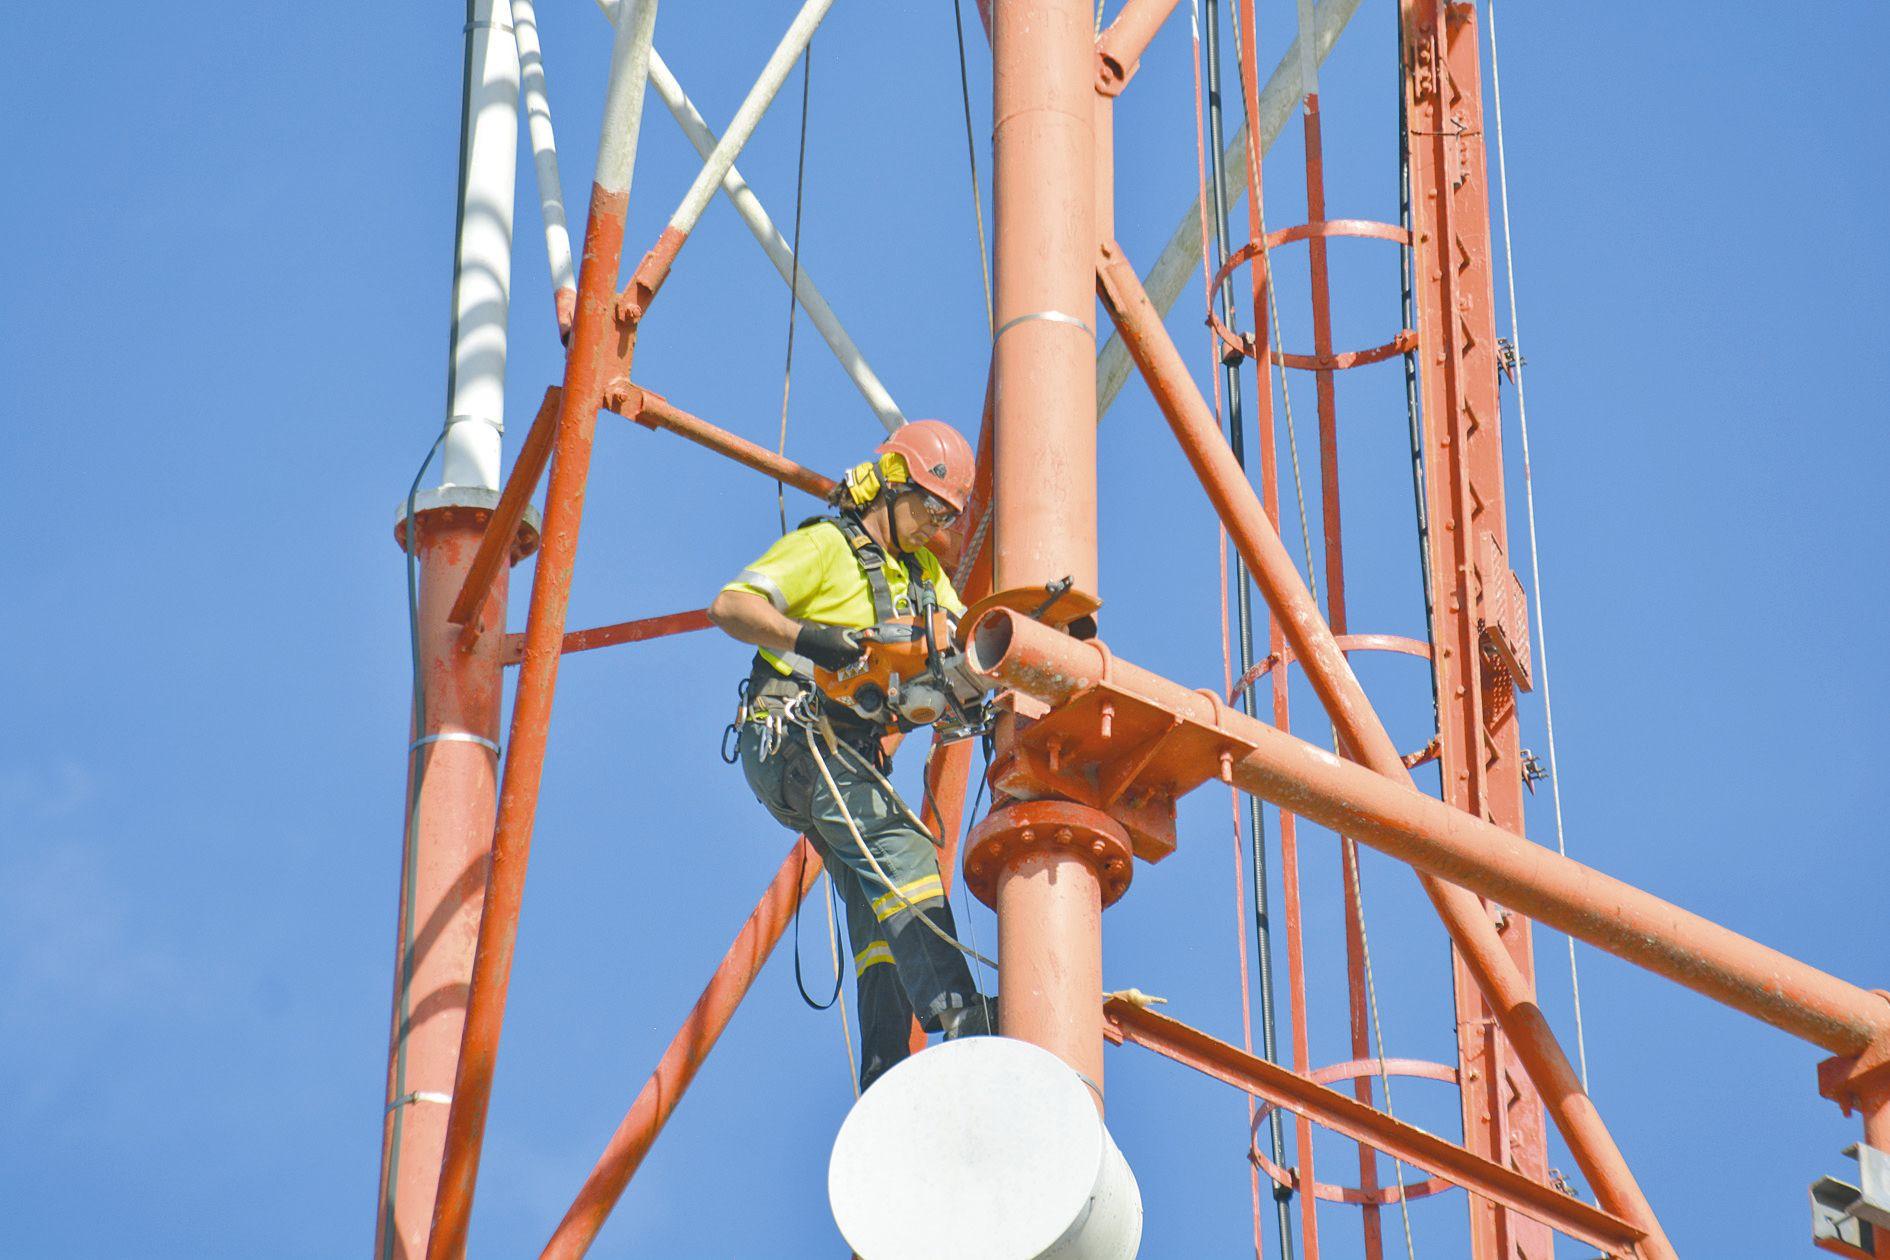 La principale difficulté du chantier étant la hauteur du pylône, le démontage s'est donc fait par tronçon, d'où la présence de spécialistes qui travaillent à plus de 60 mètres de hauteur.